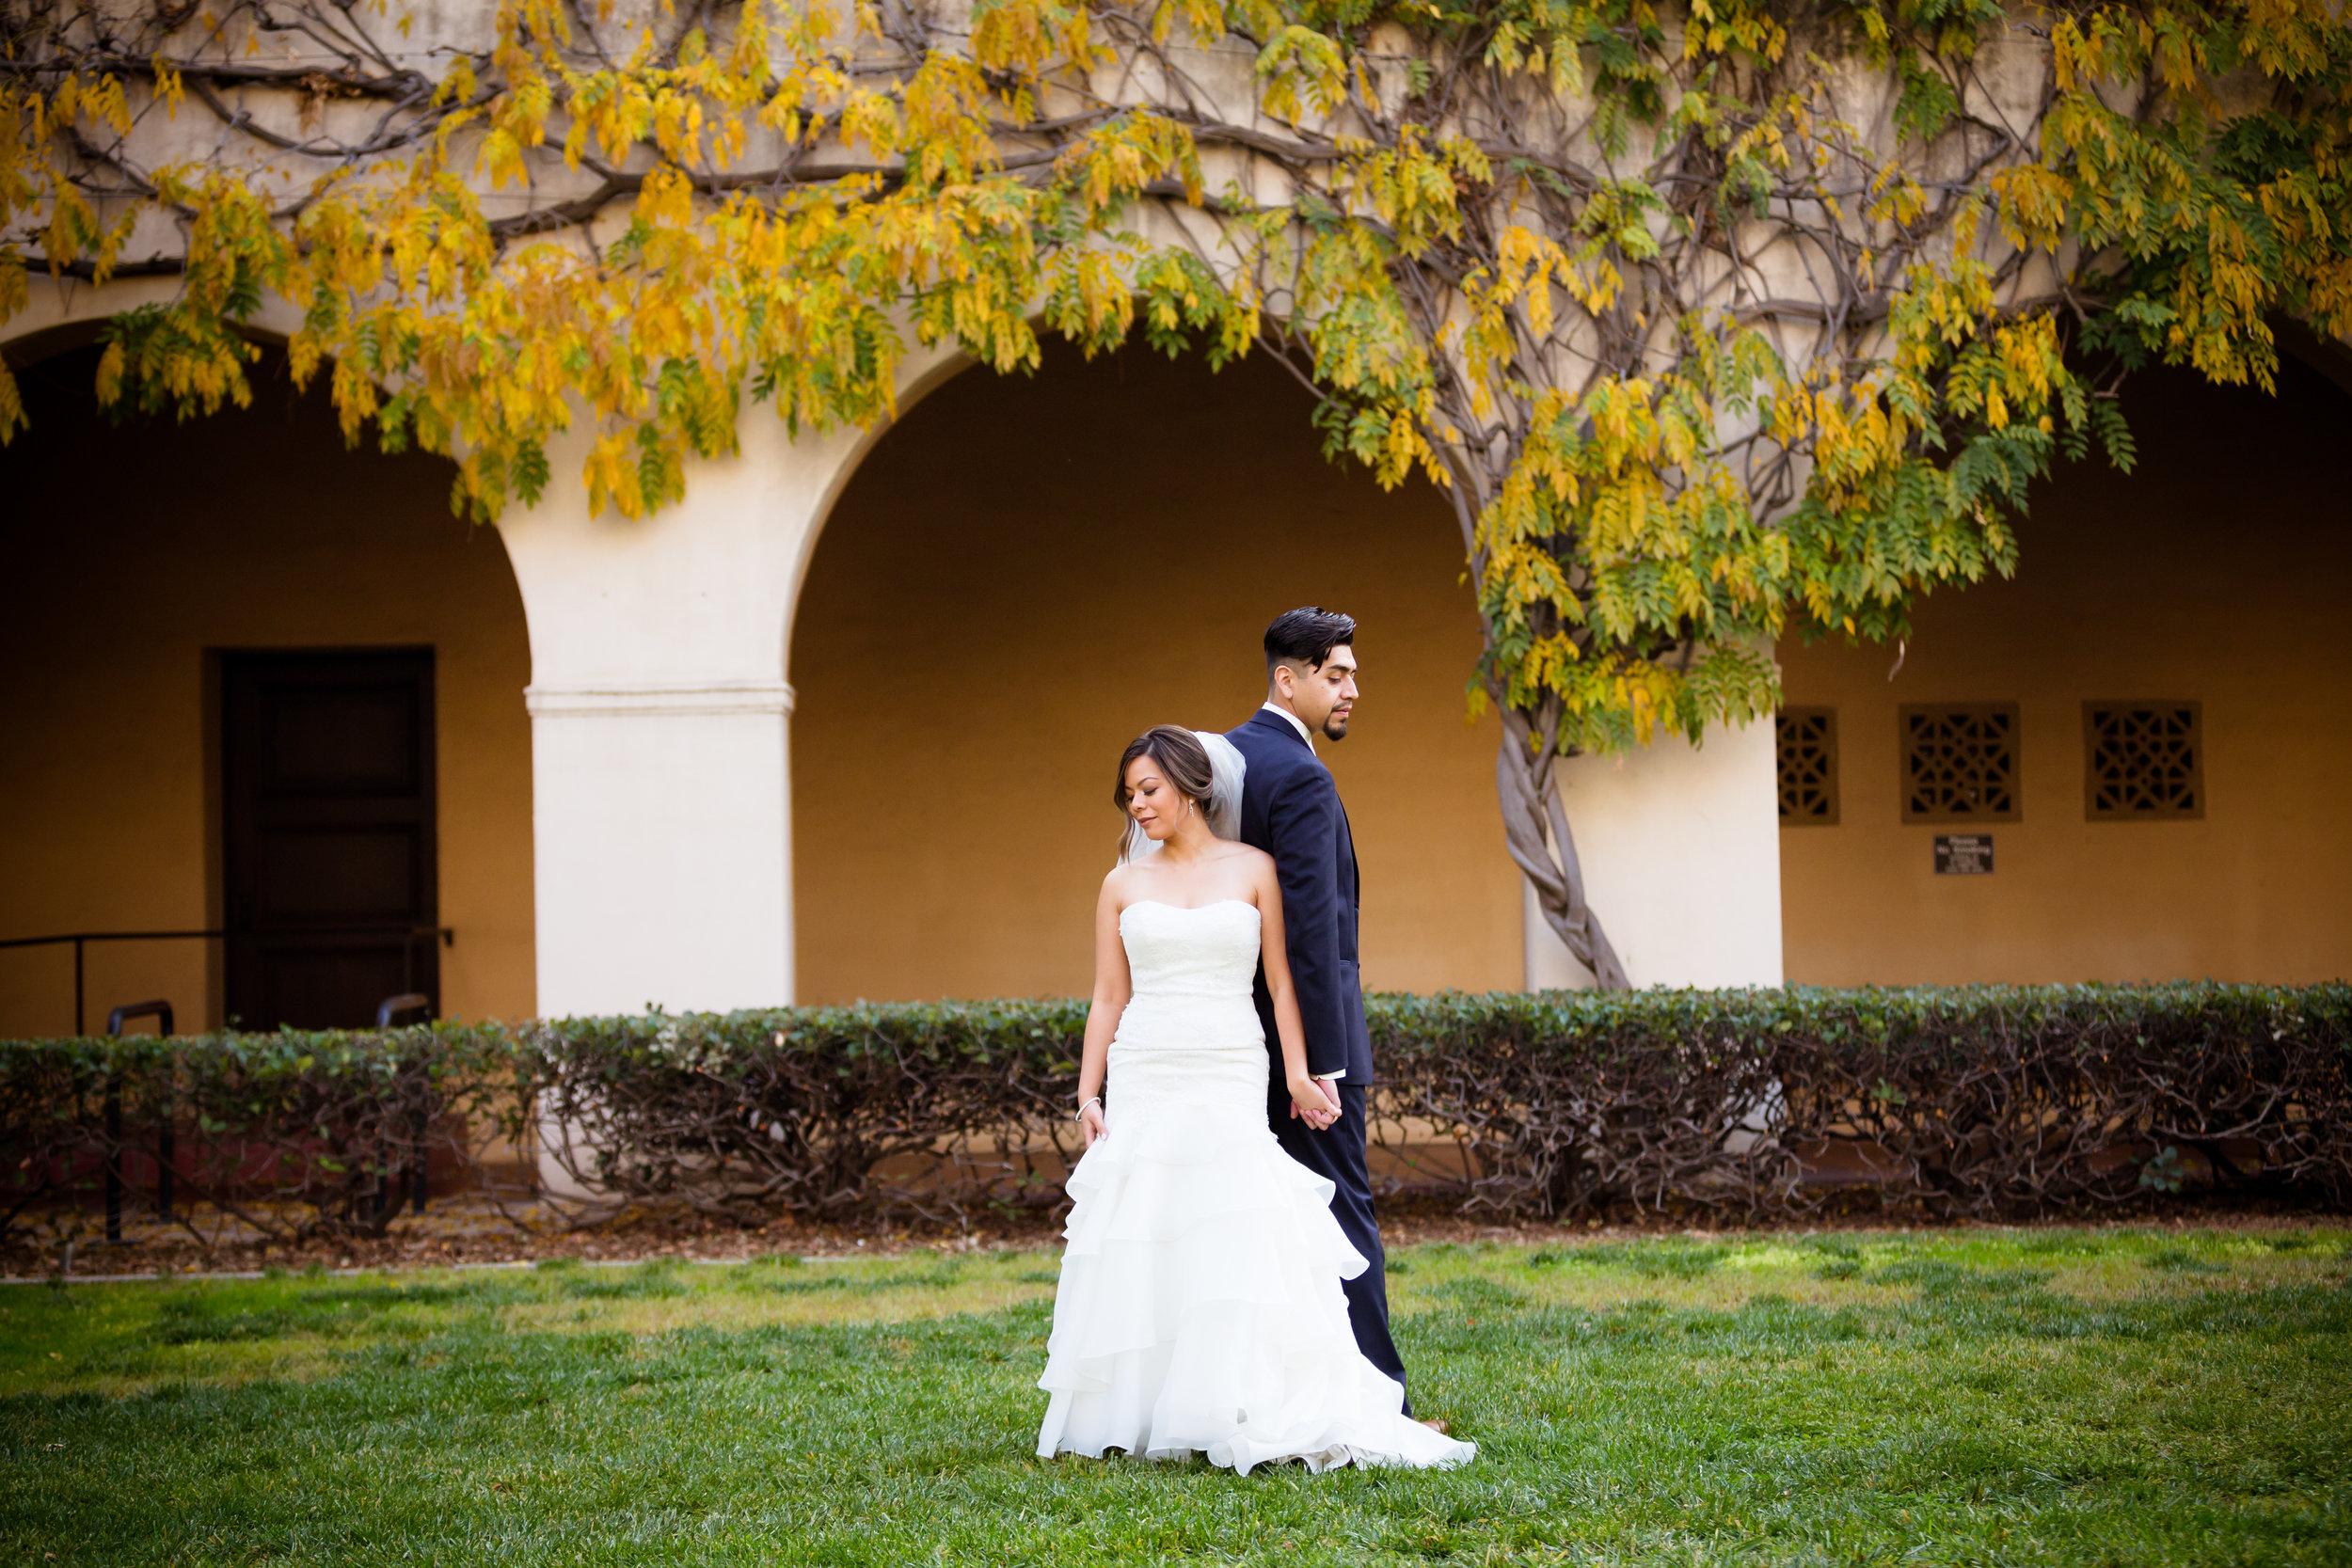 Tina and Jorge - Couple photos-1.jpg